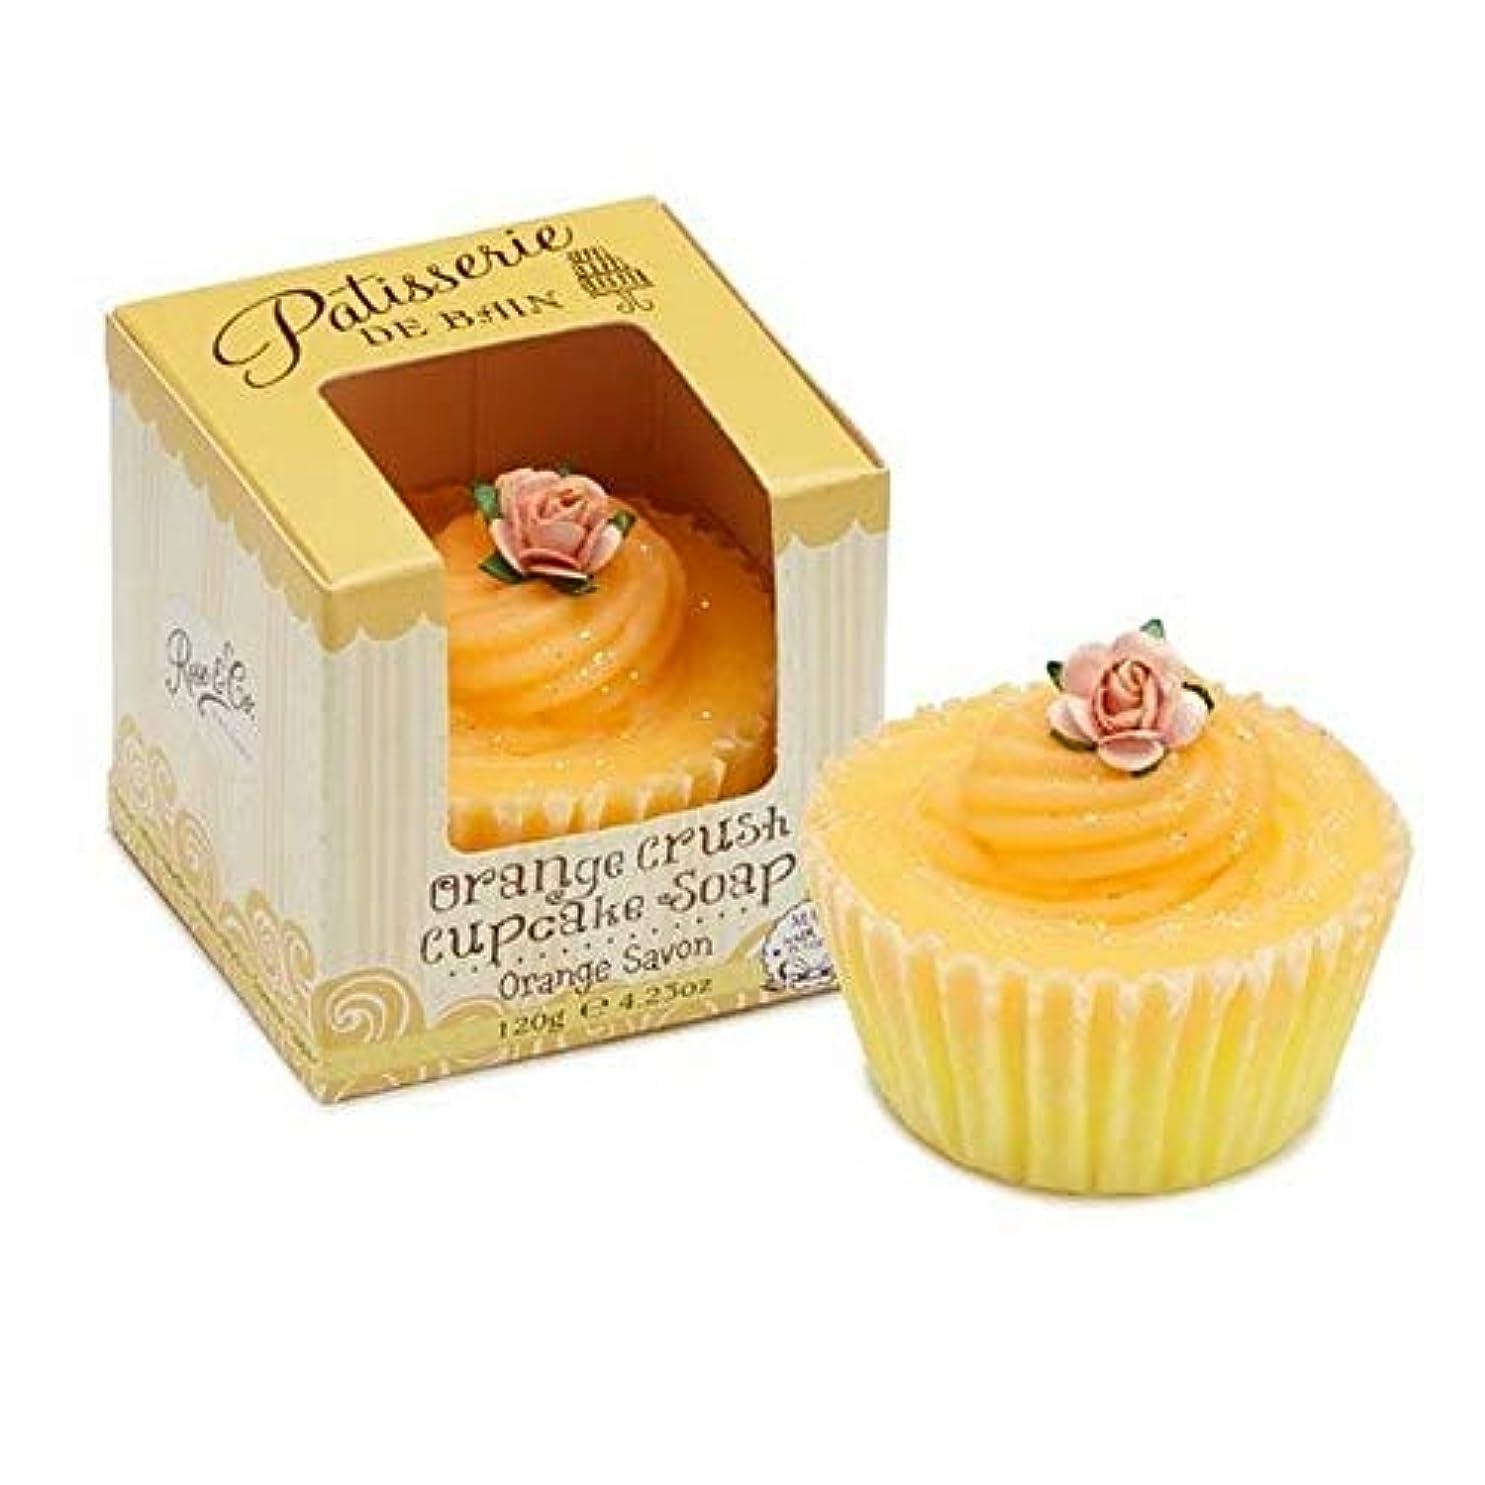 賞友だち暗殺する[Patisserie de Bain ] パティスリー?ド?ベインオレンジクラッシュカップケーキソープ120グラム - Patisserie de Bain Orange Crush Cupcake soap 120g...